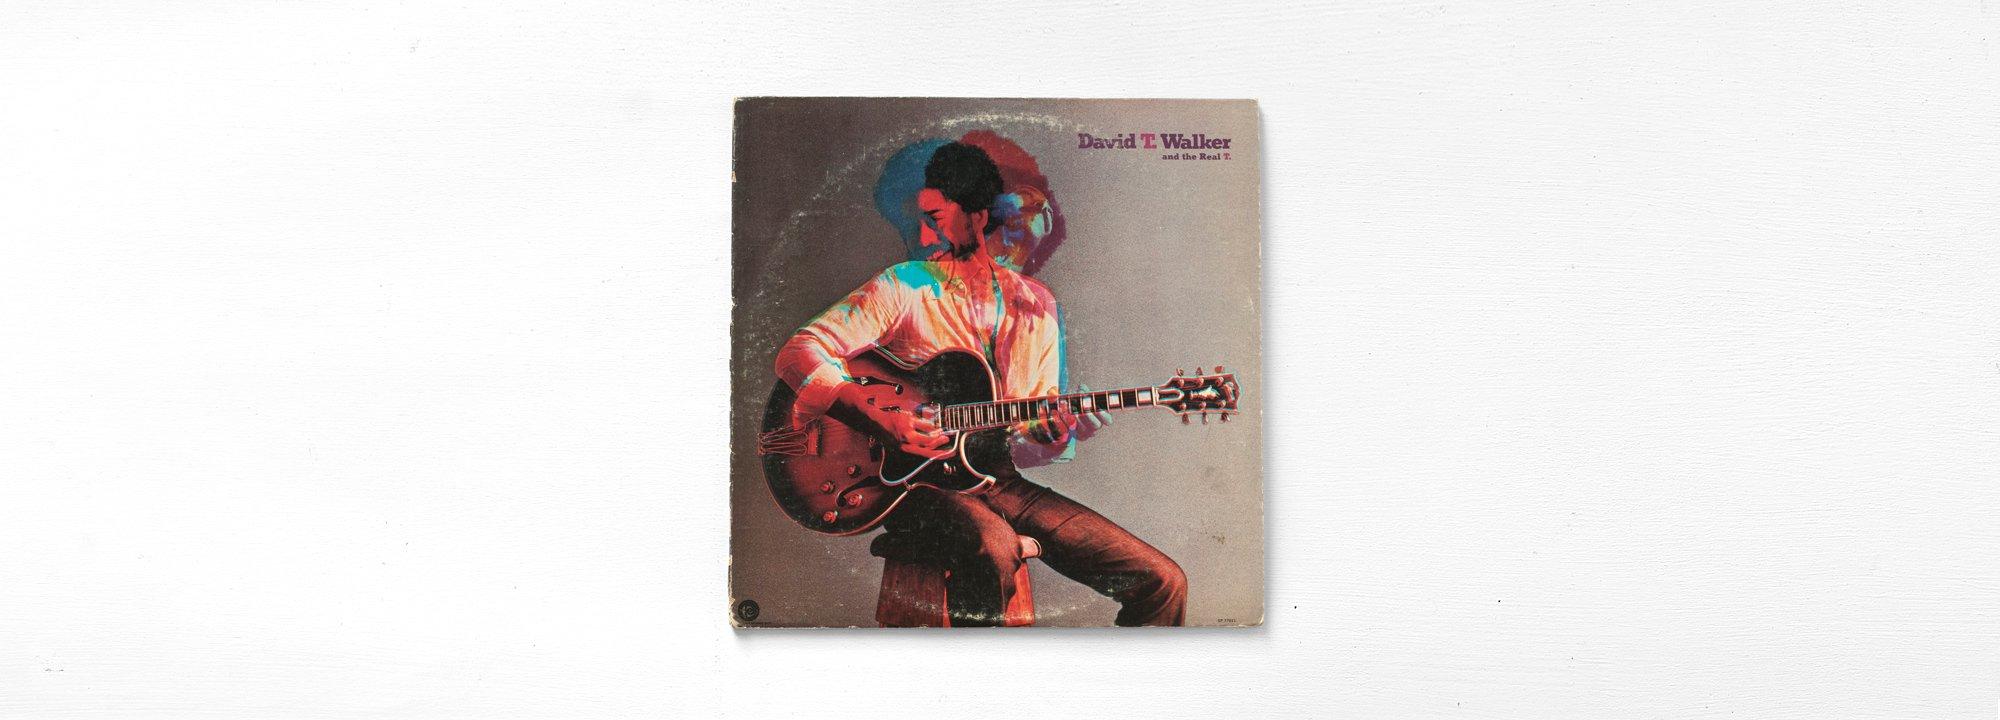 David T. Walker : David T. Walker